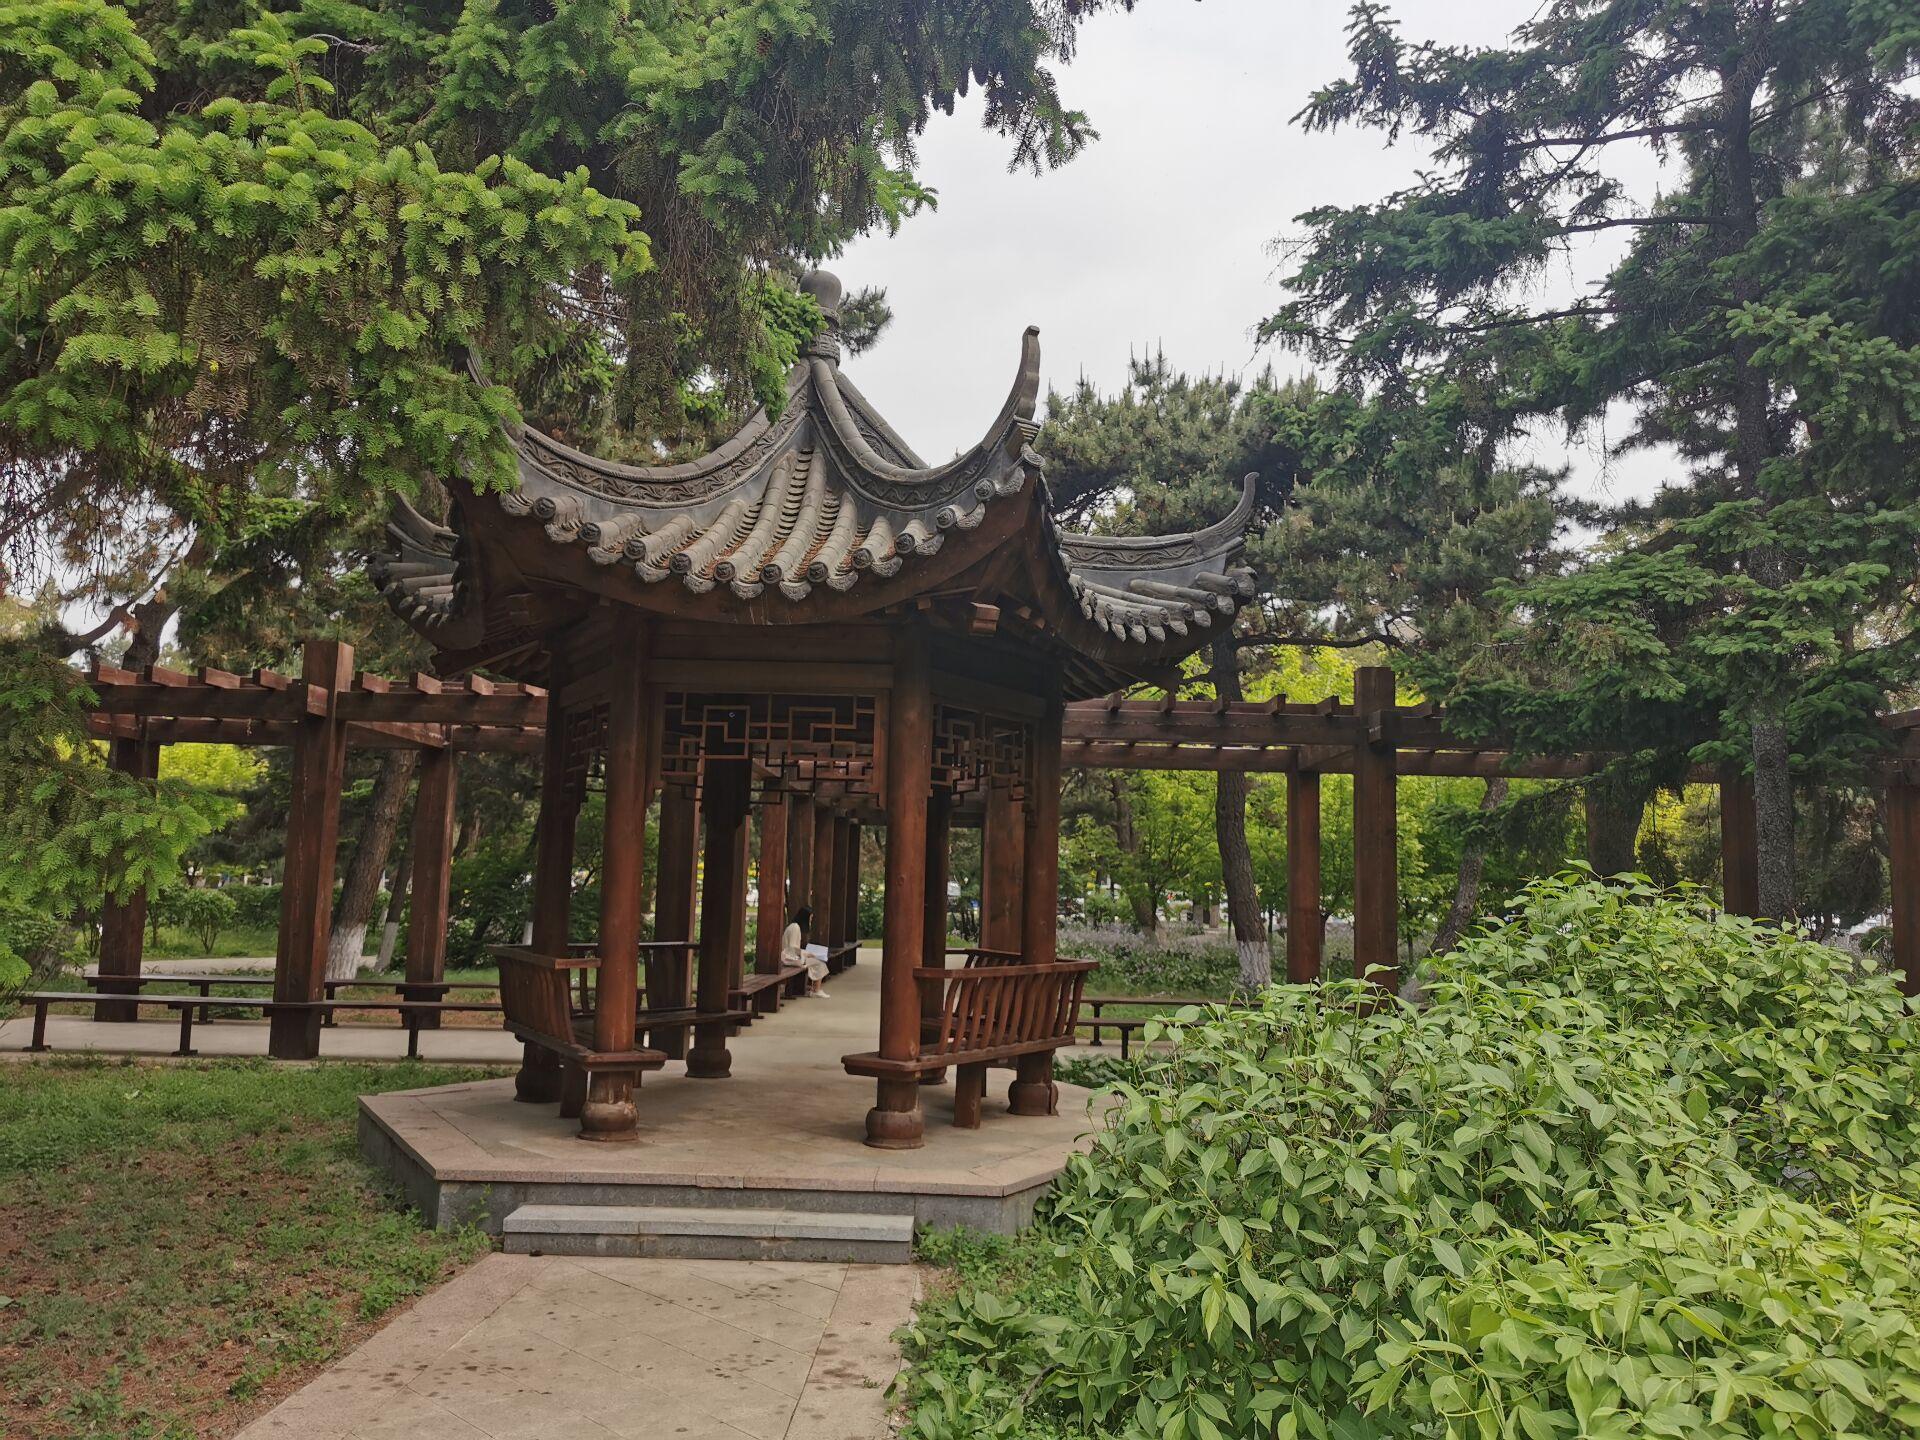 沈阳东北大学中心花园06.jpg